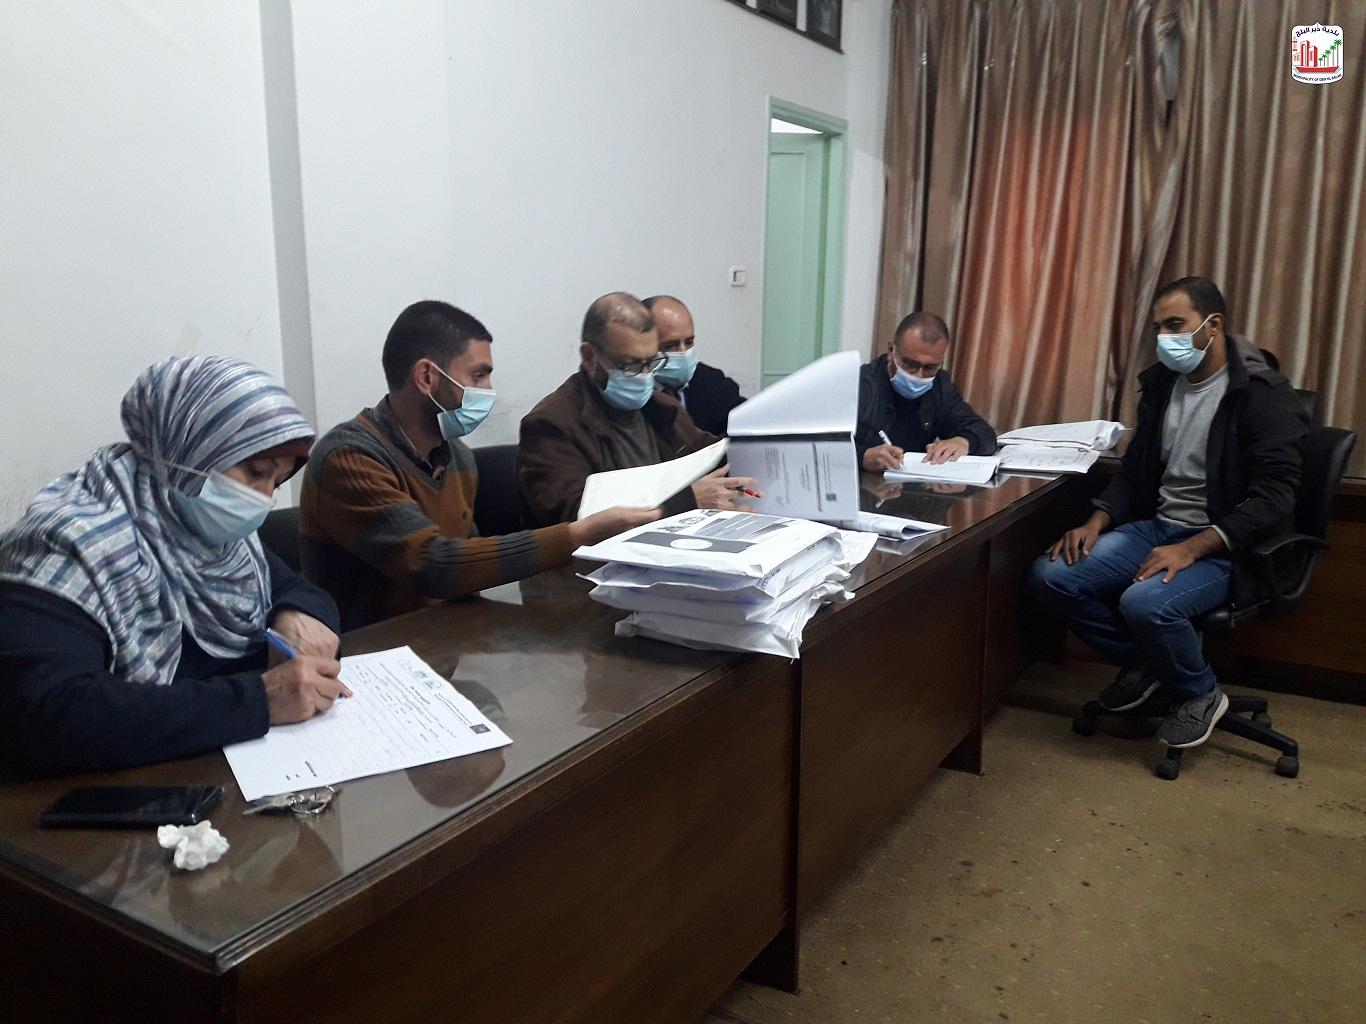 لجنة فتح العطاءات ببلدية دير البلح تقوم بفح مظاريف ممارسة مشروع تطوير شارع السلام الممول من صندوق تط